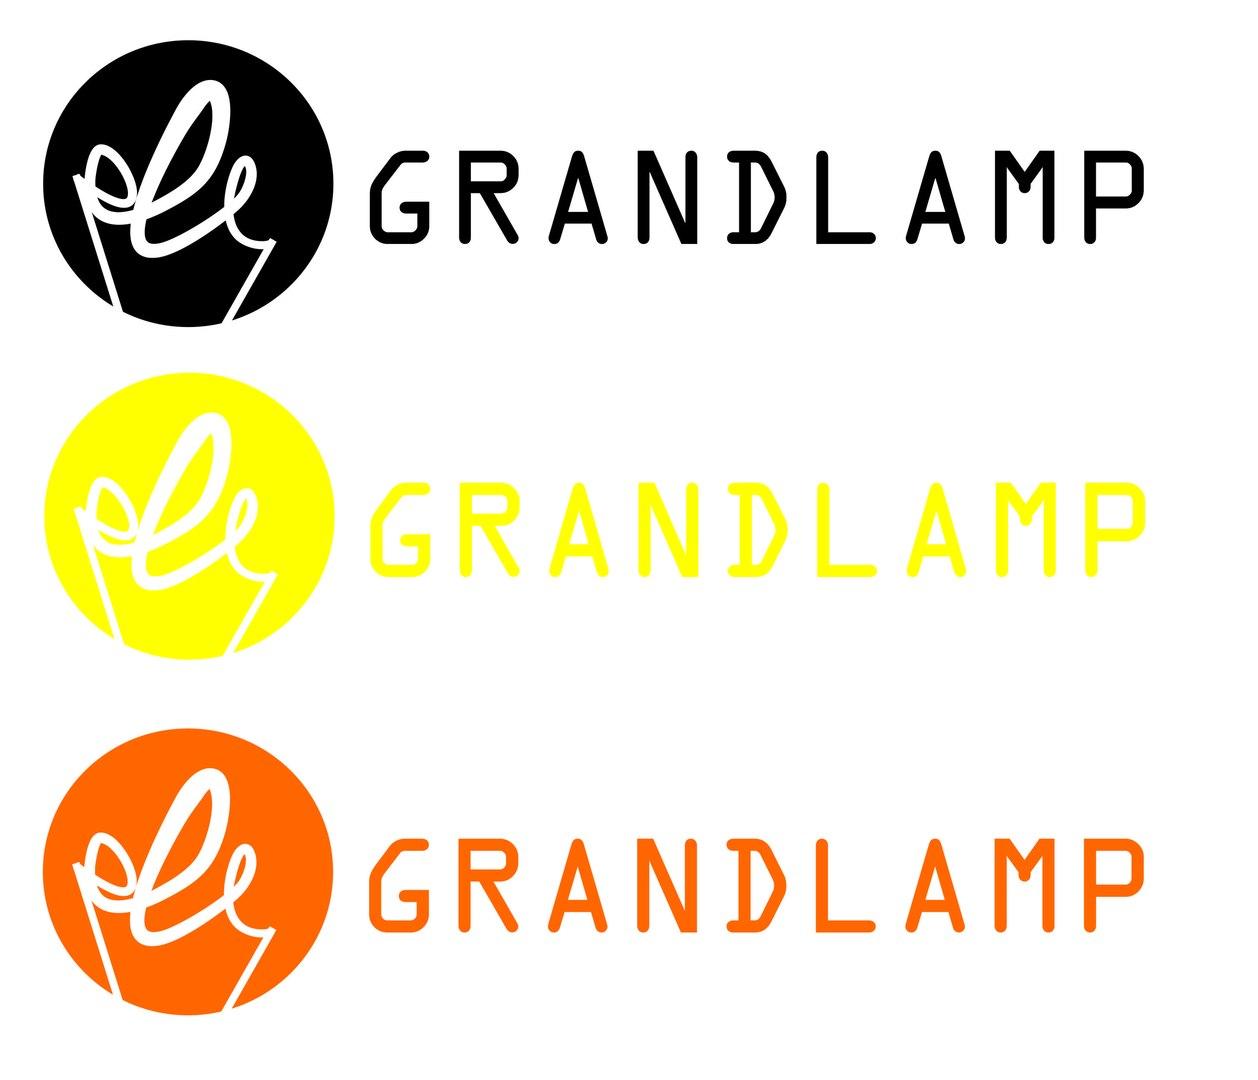 Разработка логотипа и элементов фирменного стиля фото f_87557e019a62c6ab.jpg